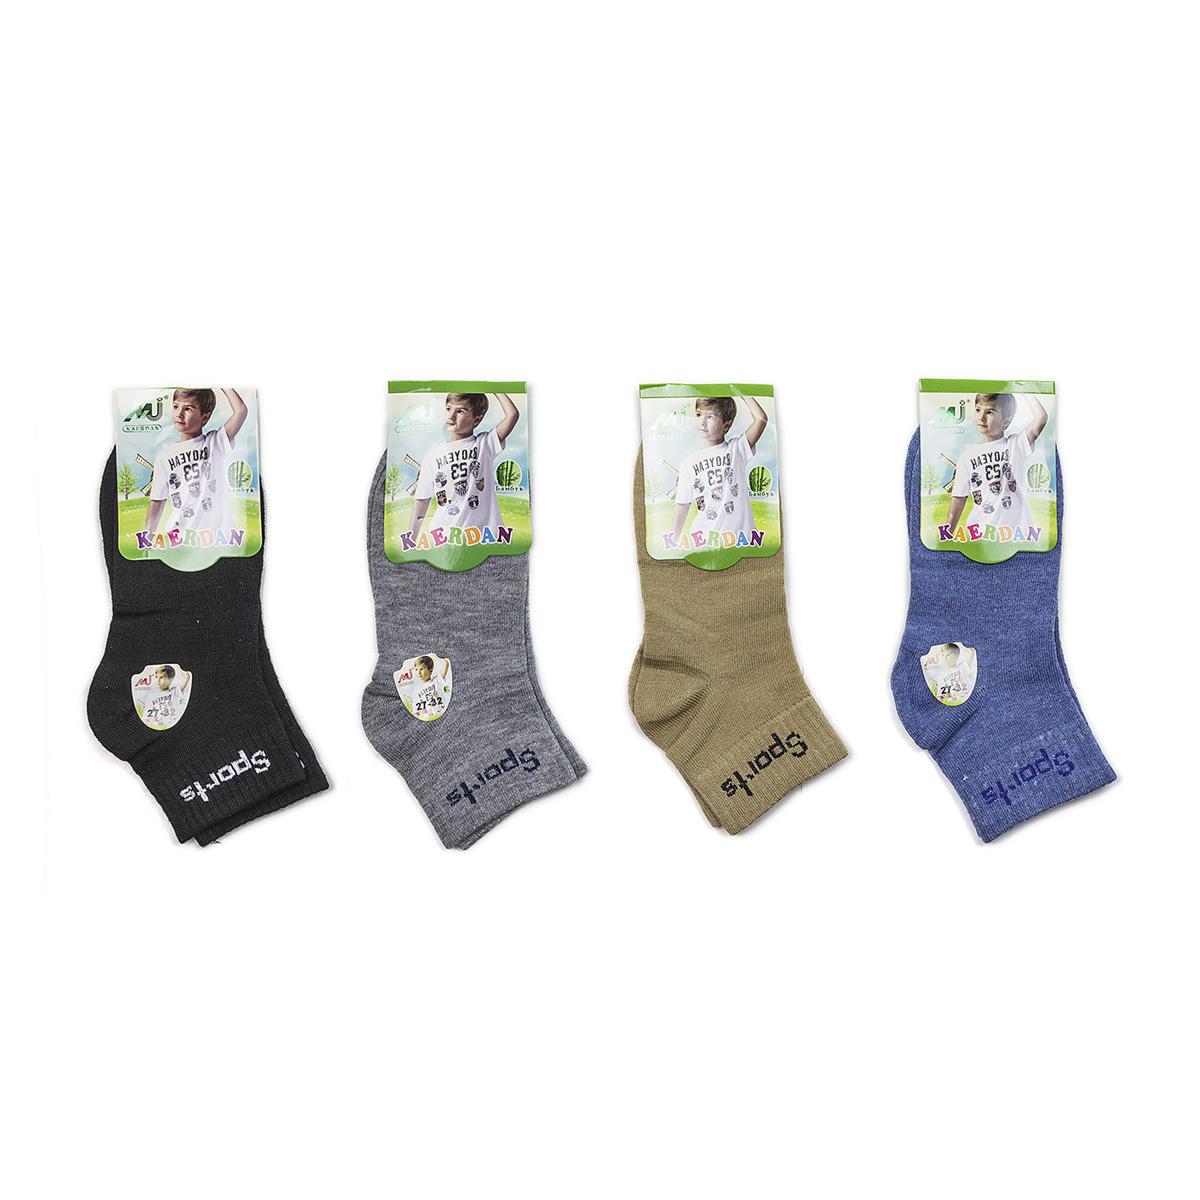 Носки детские Kaerdan, цвет Черный, размер 33-37Носки<br><br><br>Тип: Дет. носки<br>Размер: 33-37<br>Материал: Бамбук